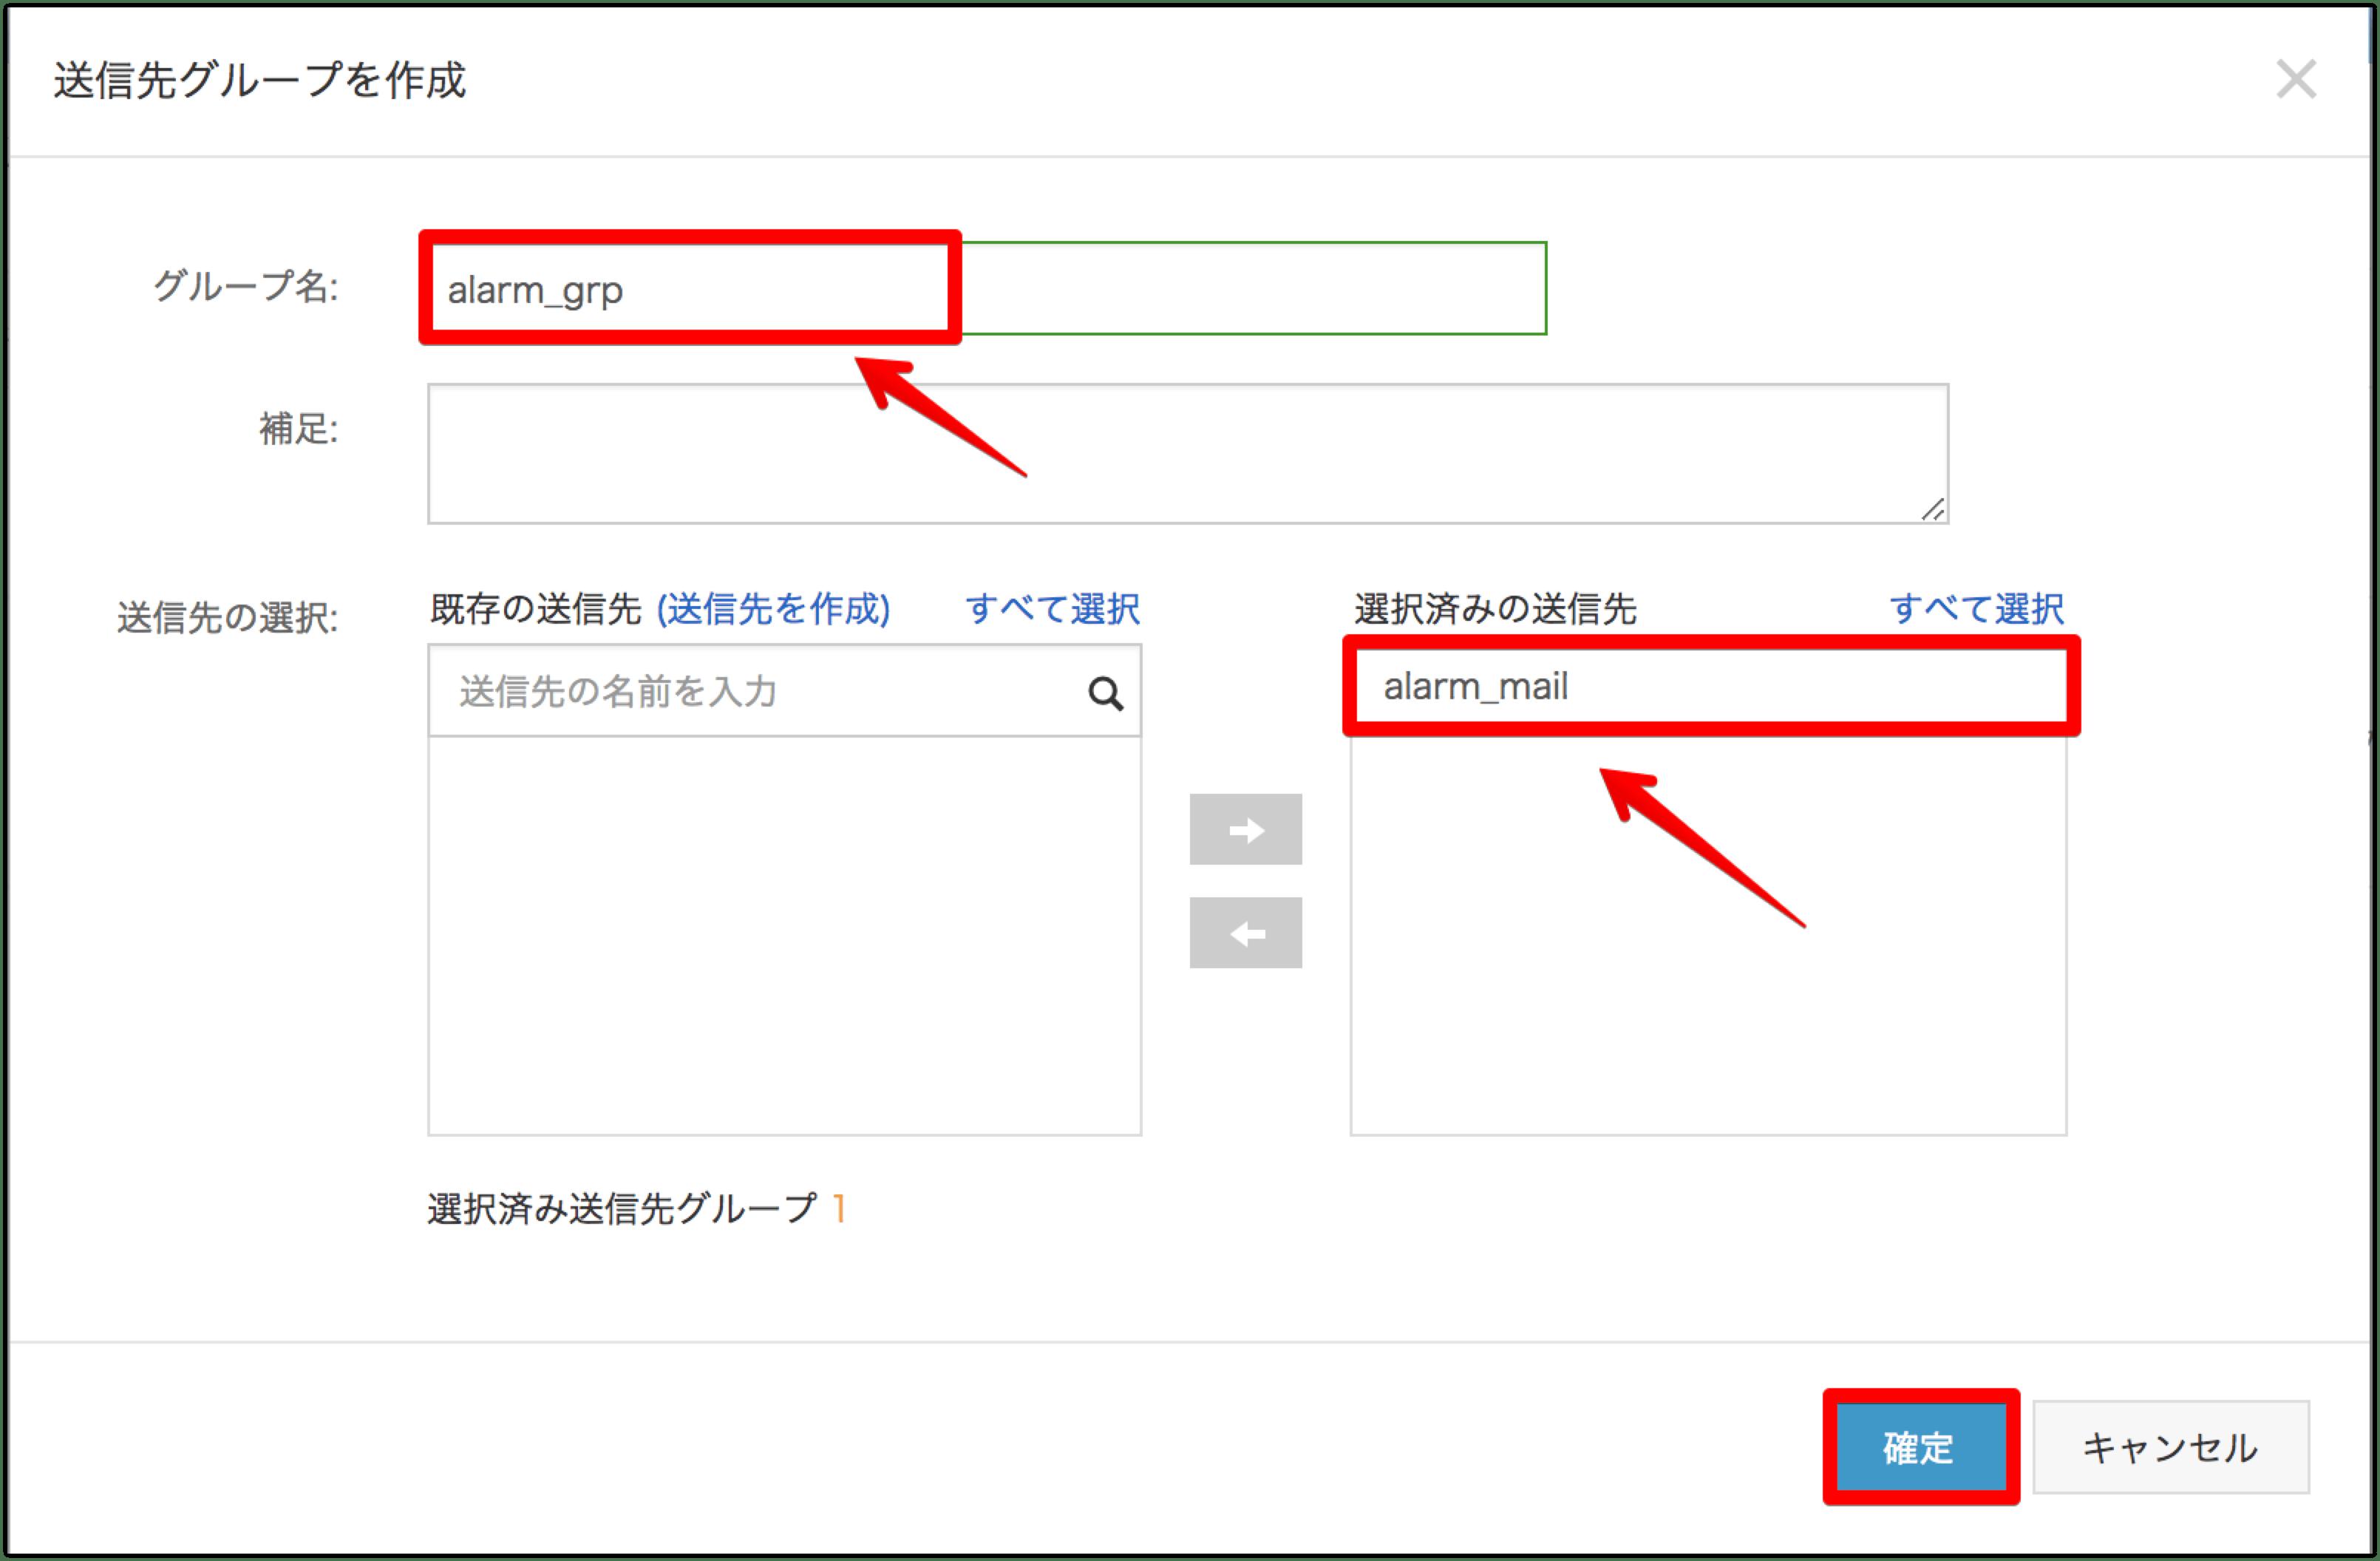 スクリーンショット 2018-05-10 20.46.16.png